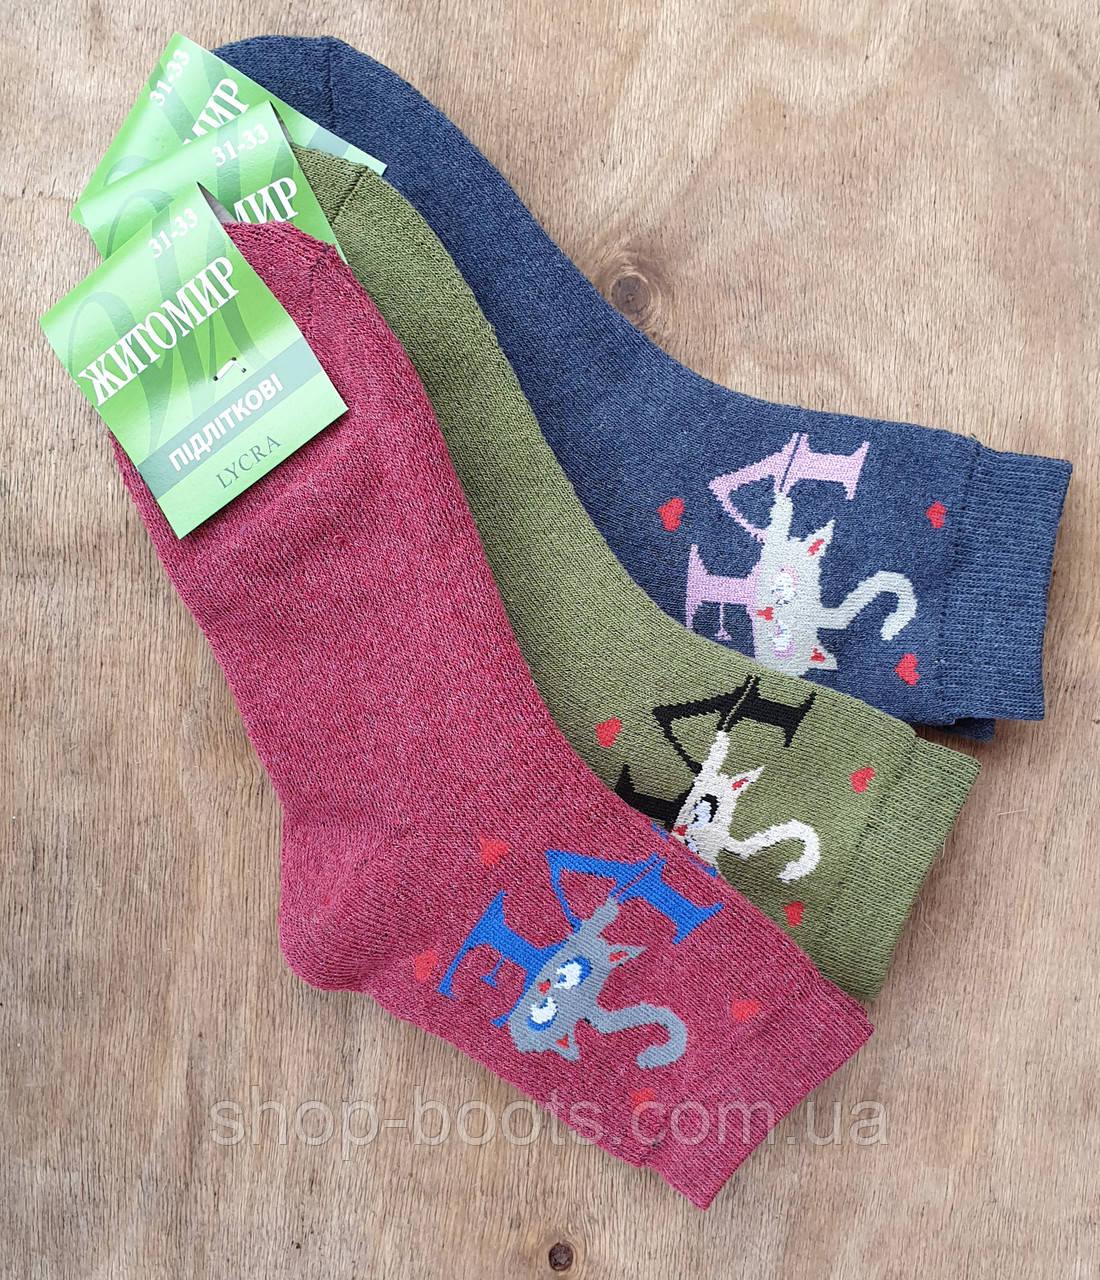 Детские носки короткие теплые оптом. 31-33рр. Модель детские носки 2